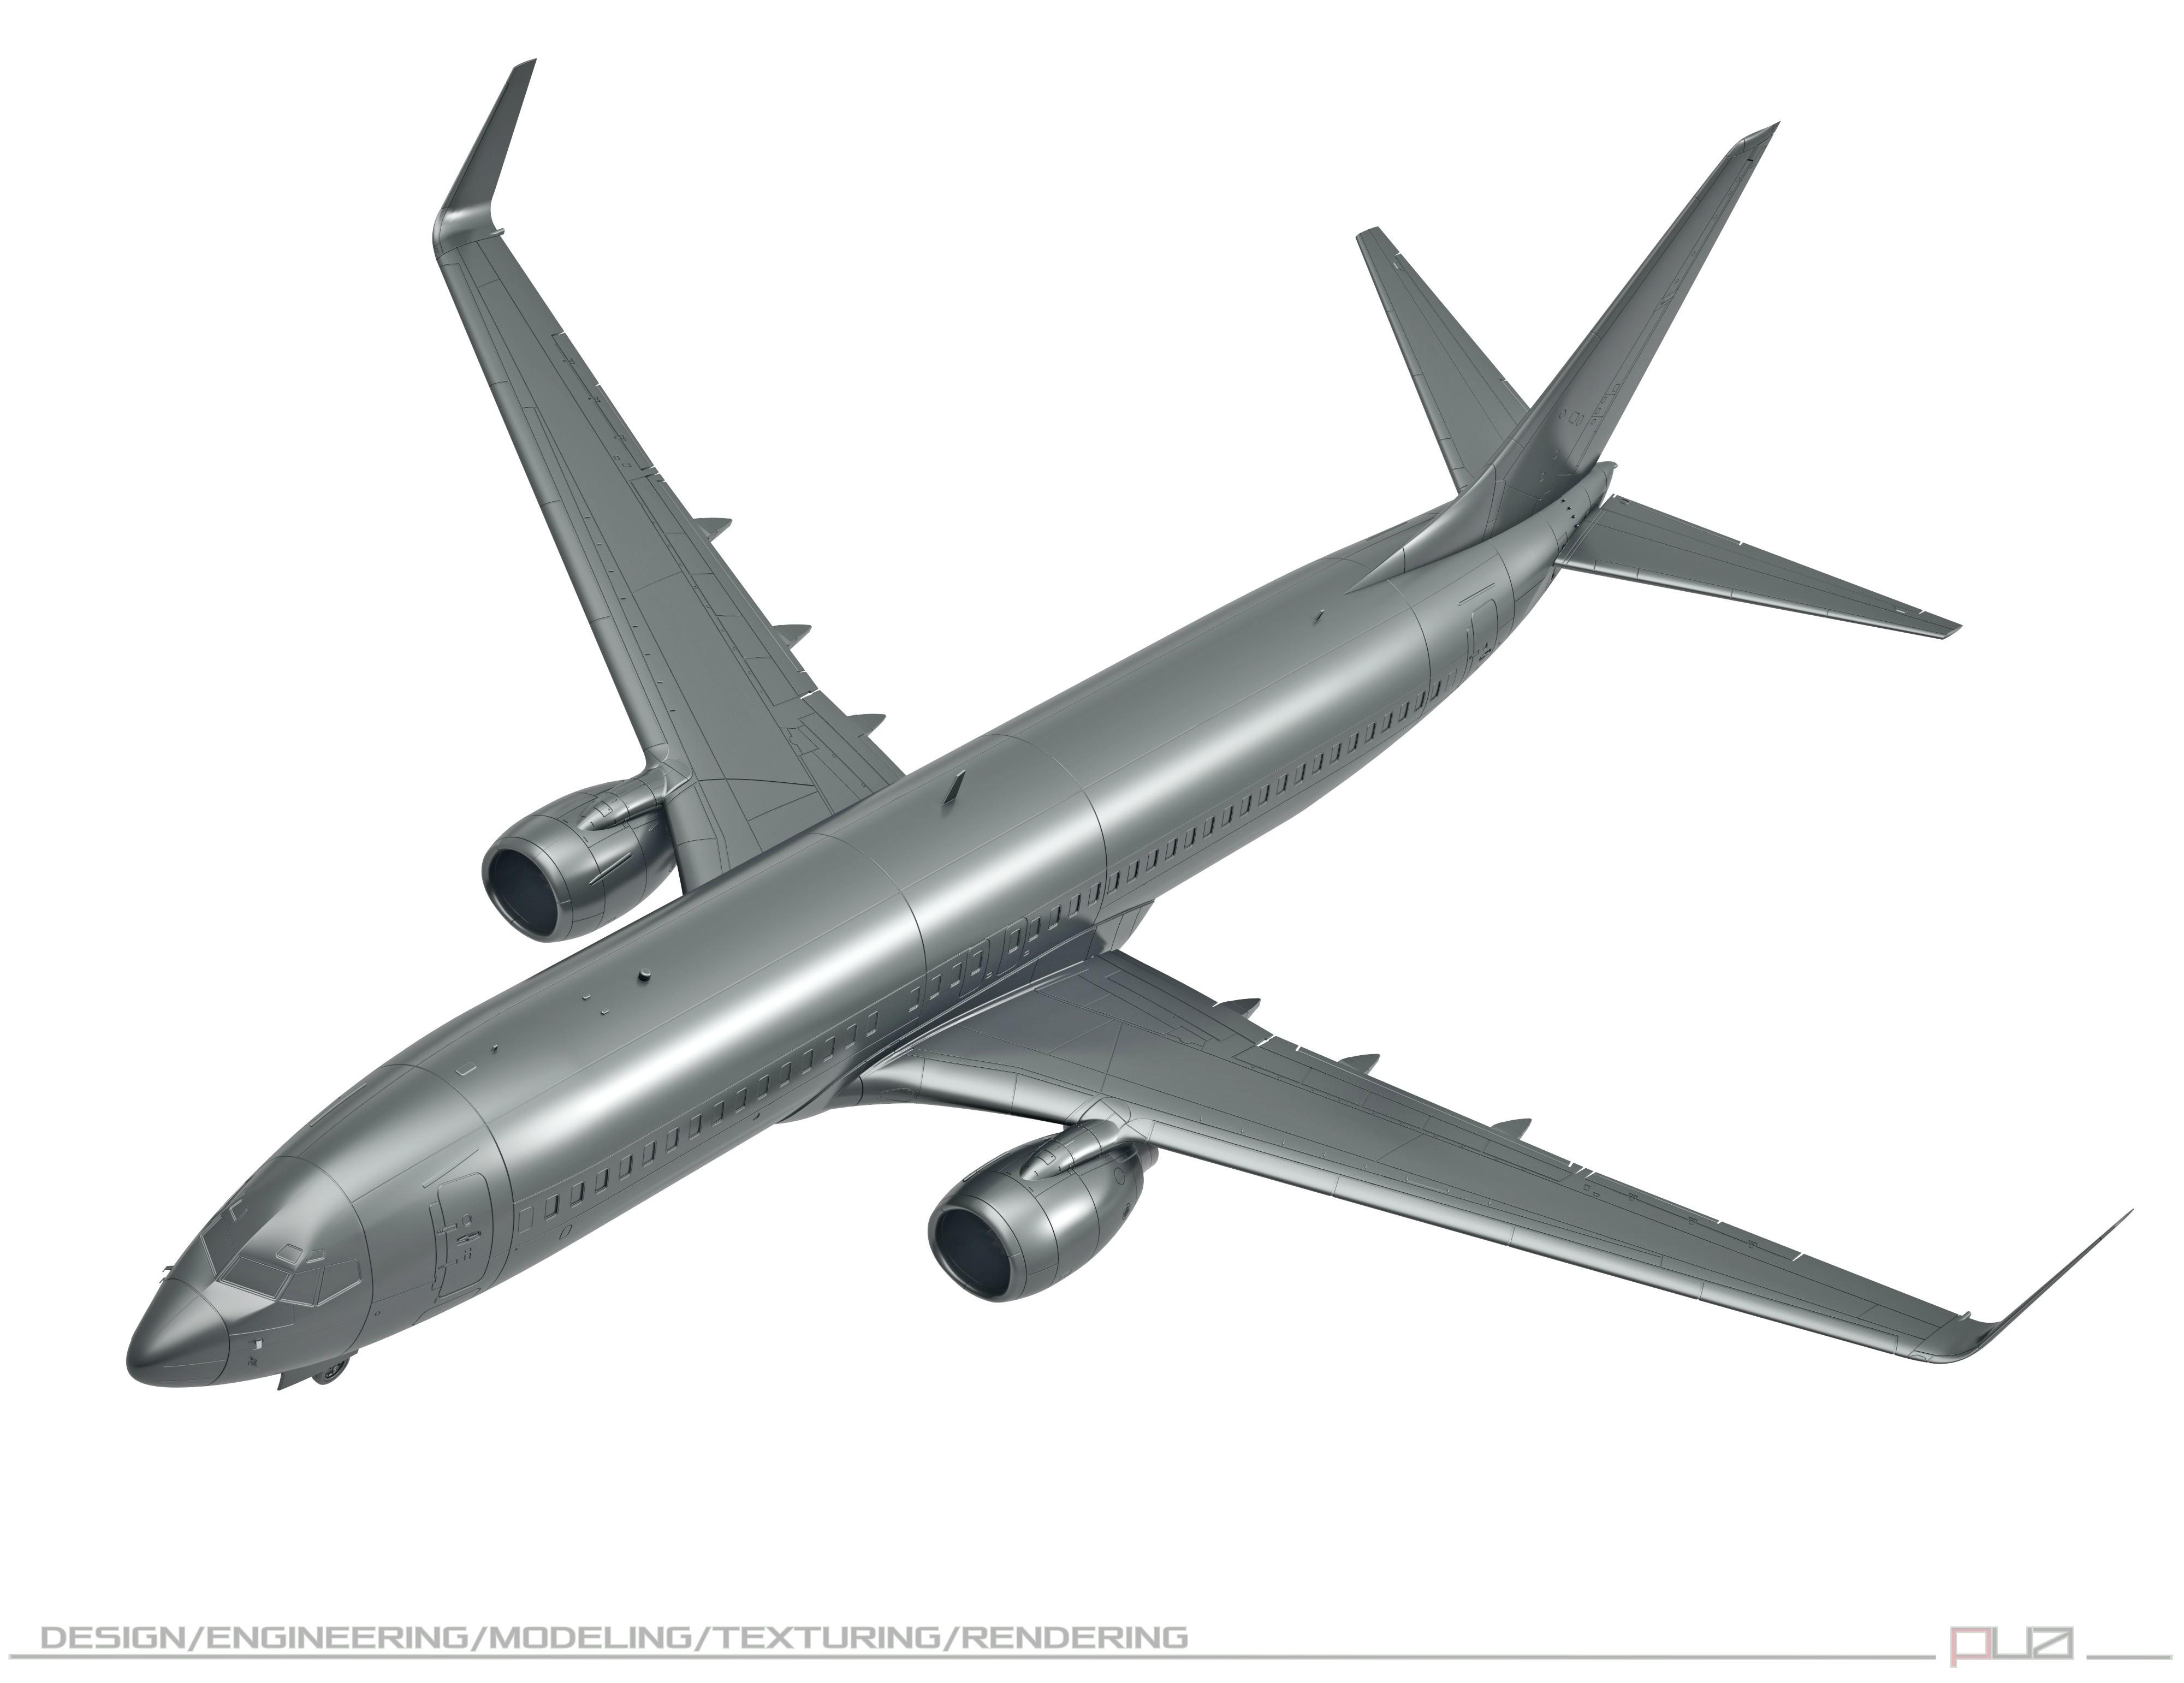 737-800 -1.111.jpg